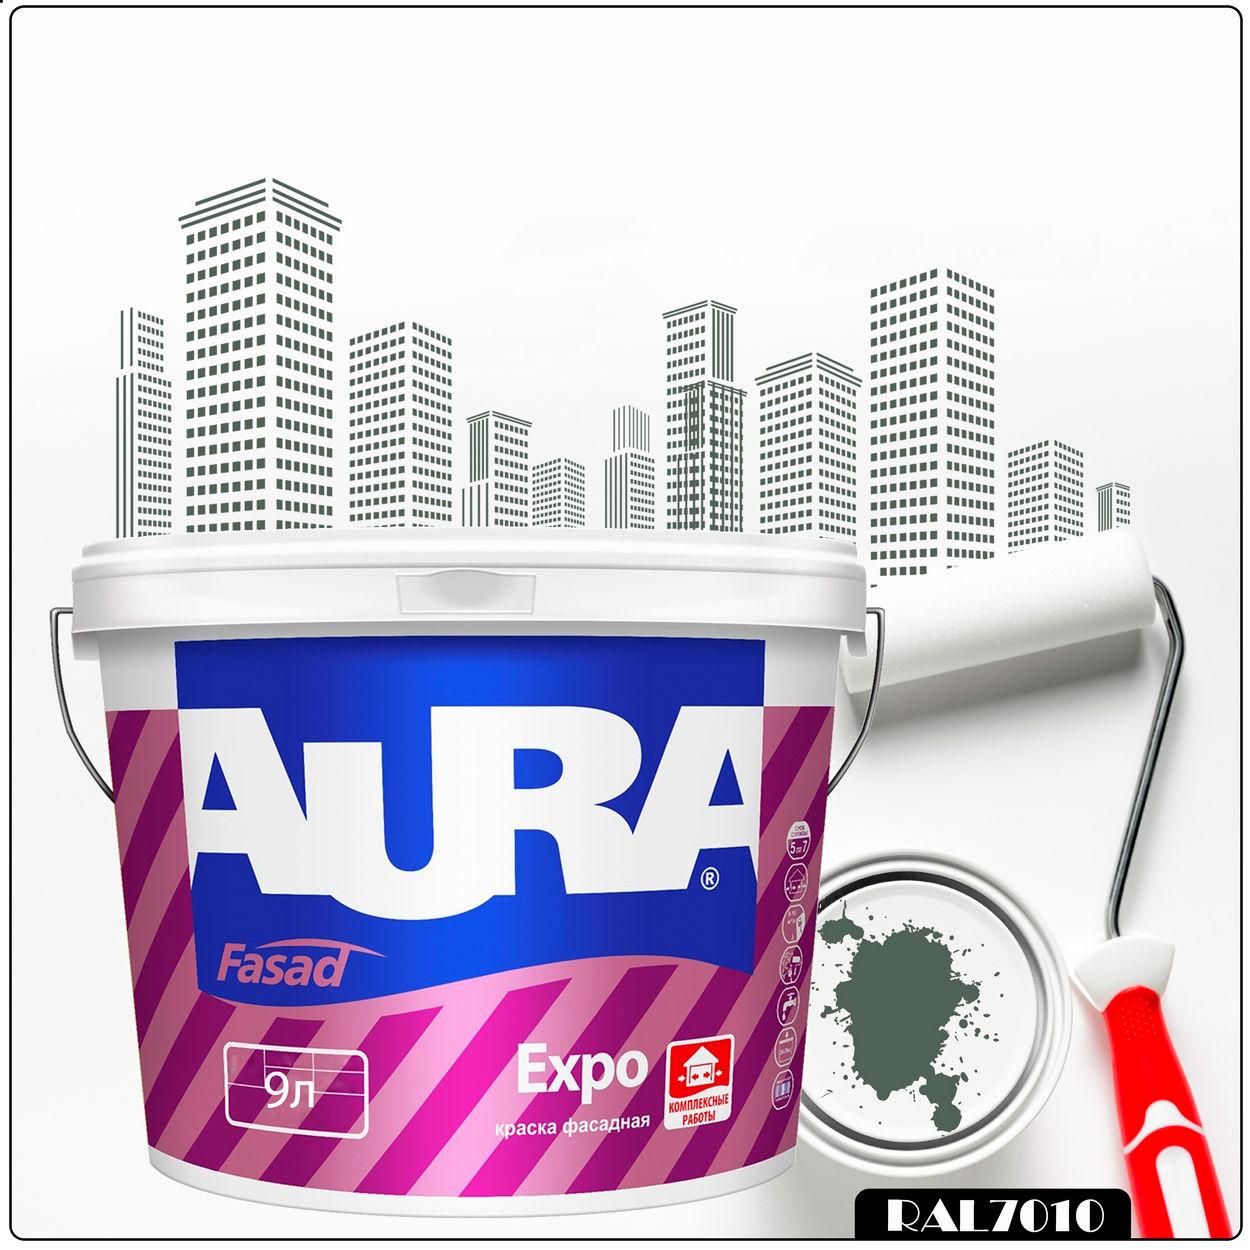 Фото 10 - Краска Aura Fasad Expo, RAL 7010 Серый-брезент, матовая, для фасадов и помещений с повышенной влажностью, 9л.